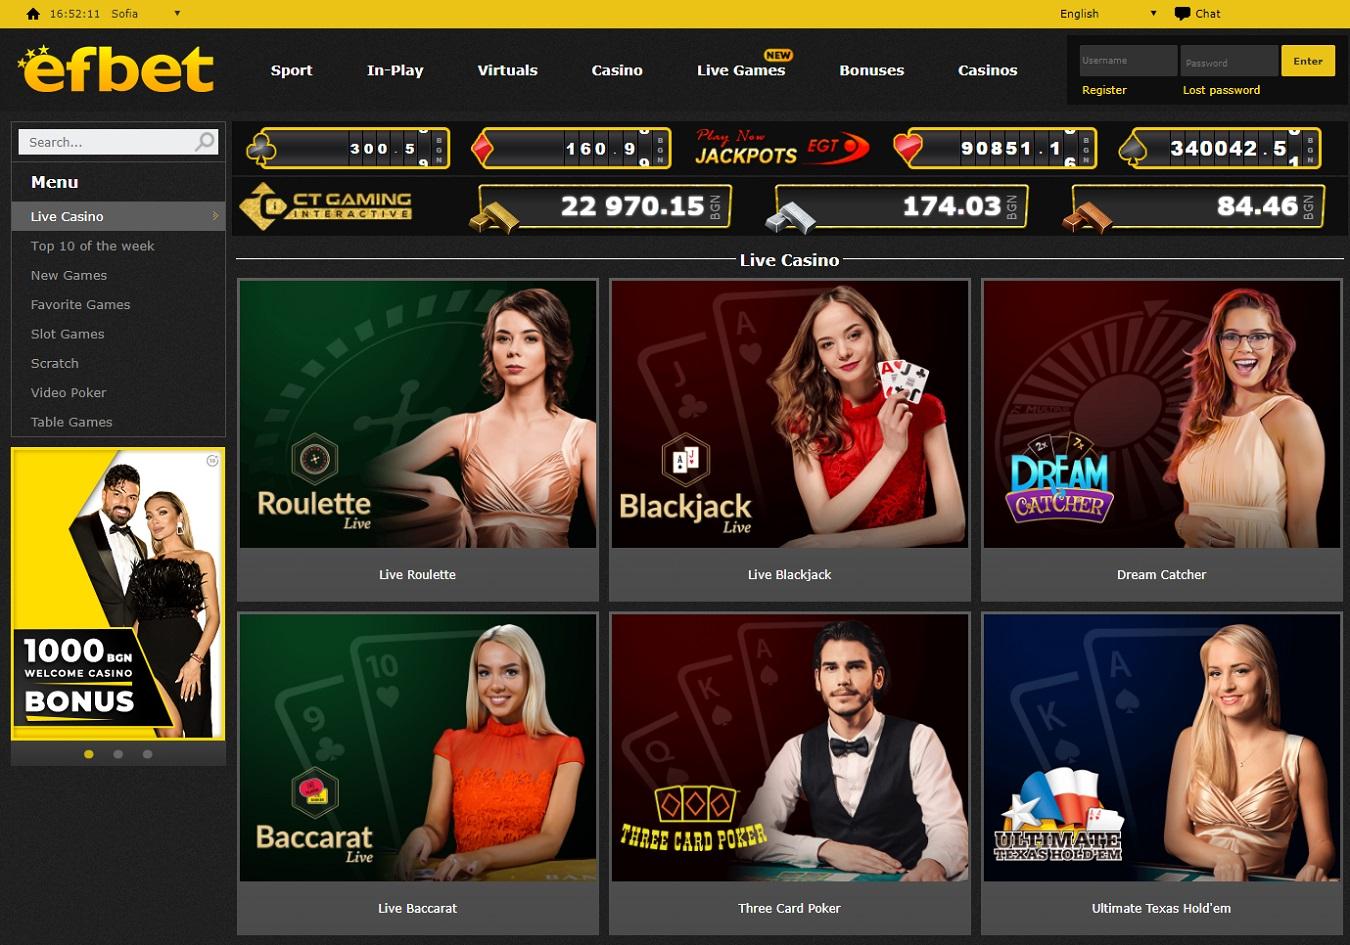 Efbet live casino